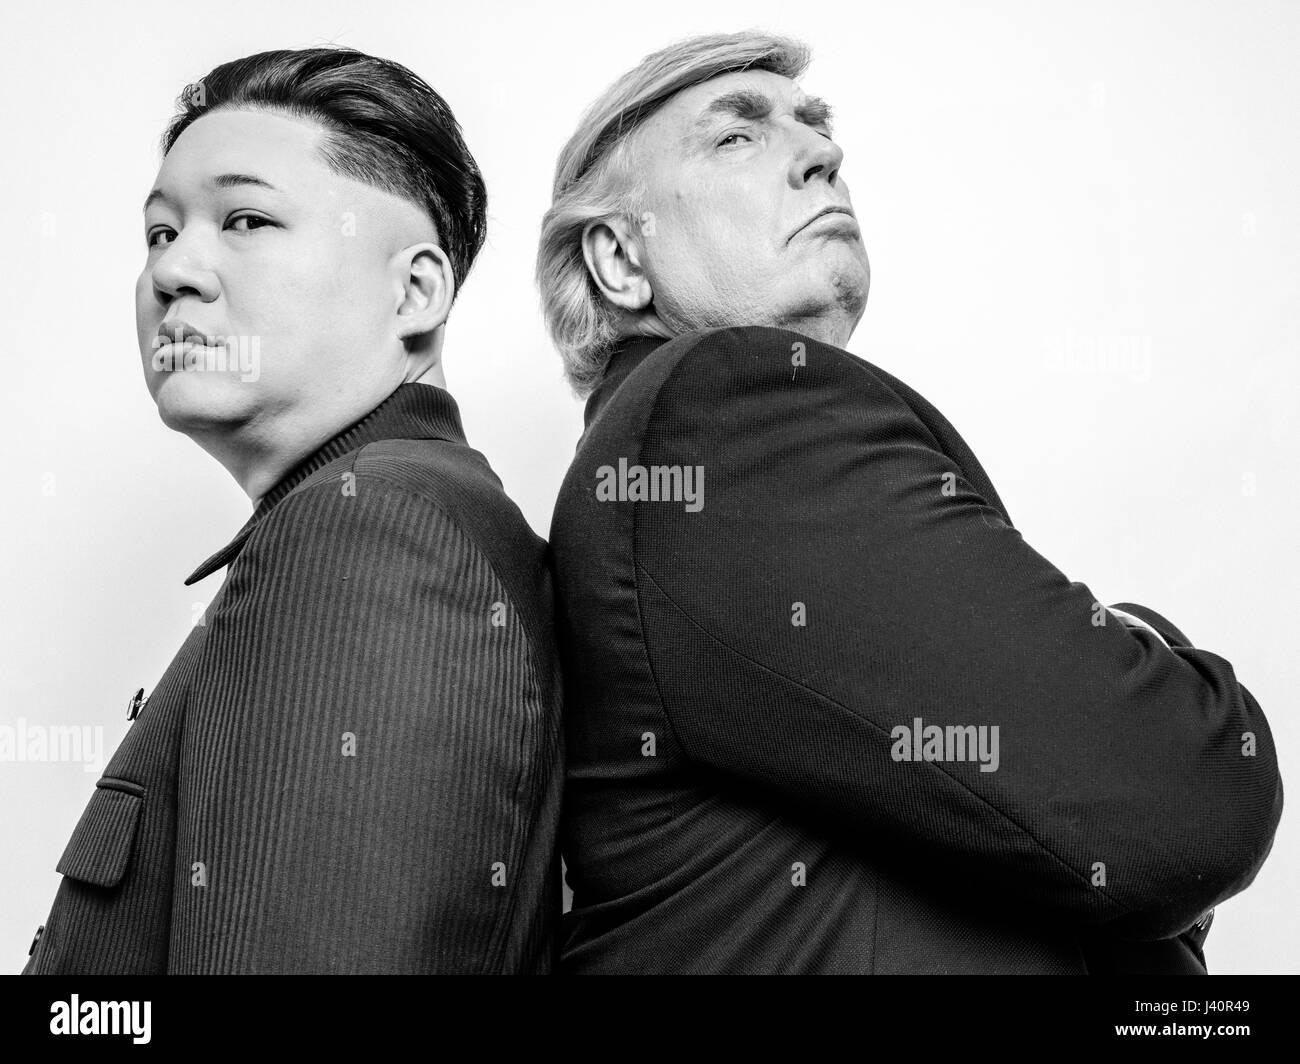 Le président donald trump et sosie dirigeant suprême de la corée du nord kim jong un shoot portrait sosie une histoire damour improbable de deux